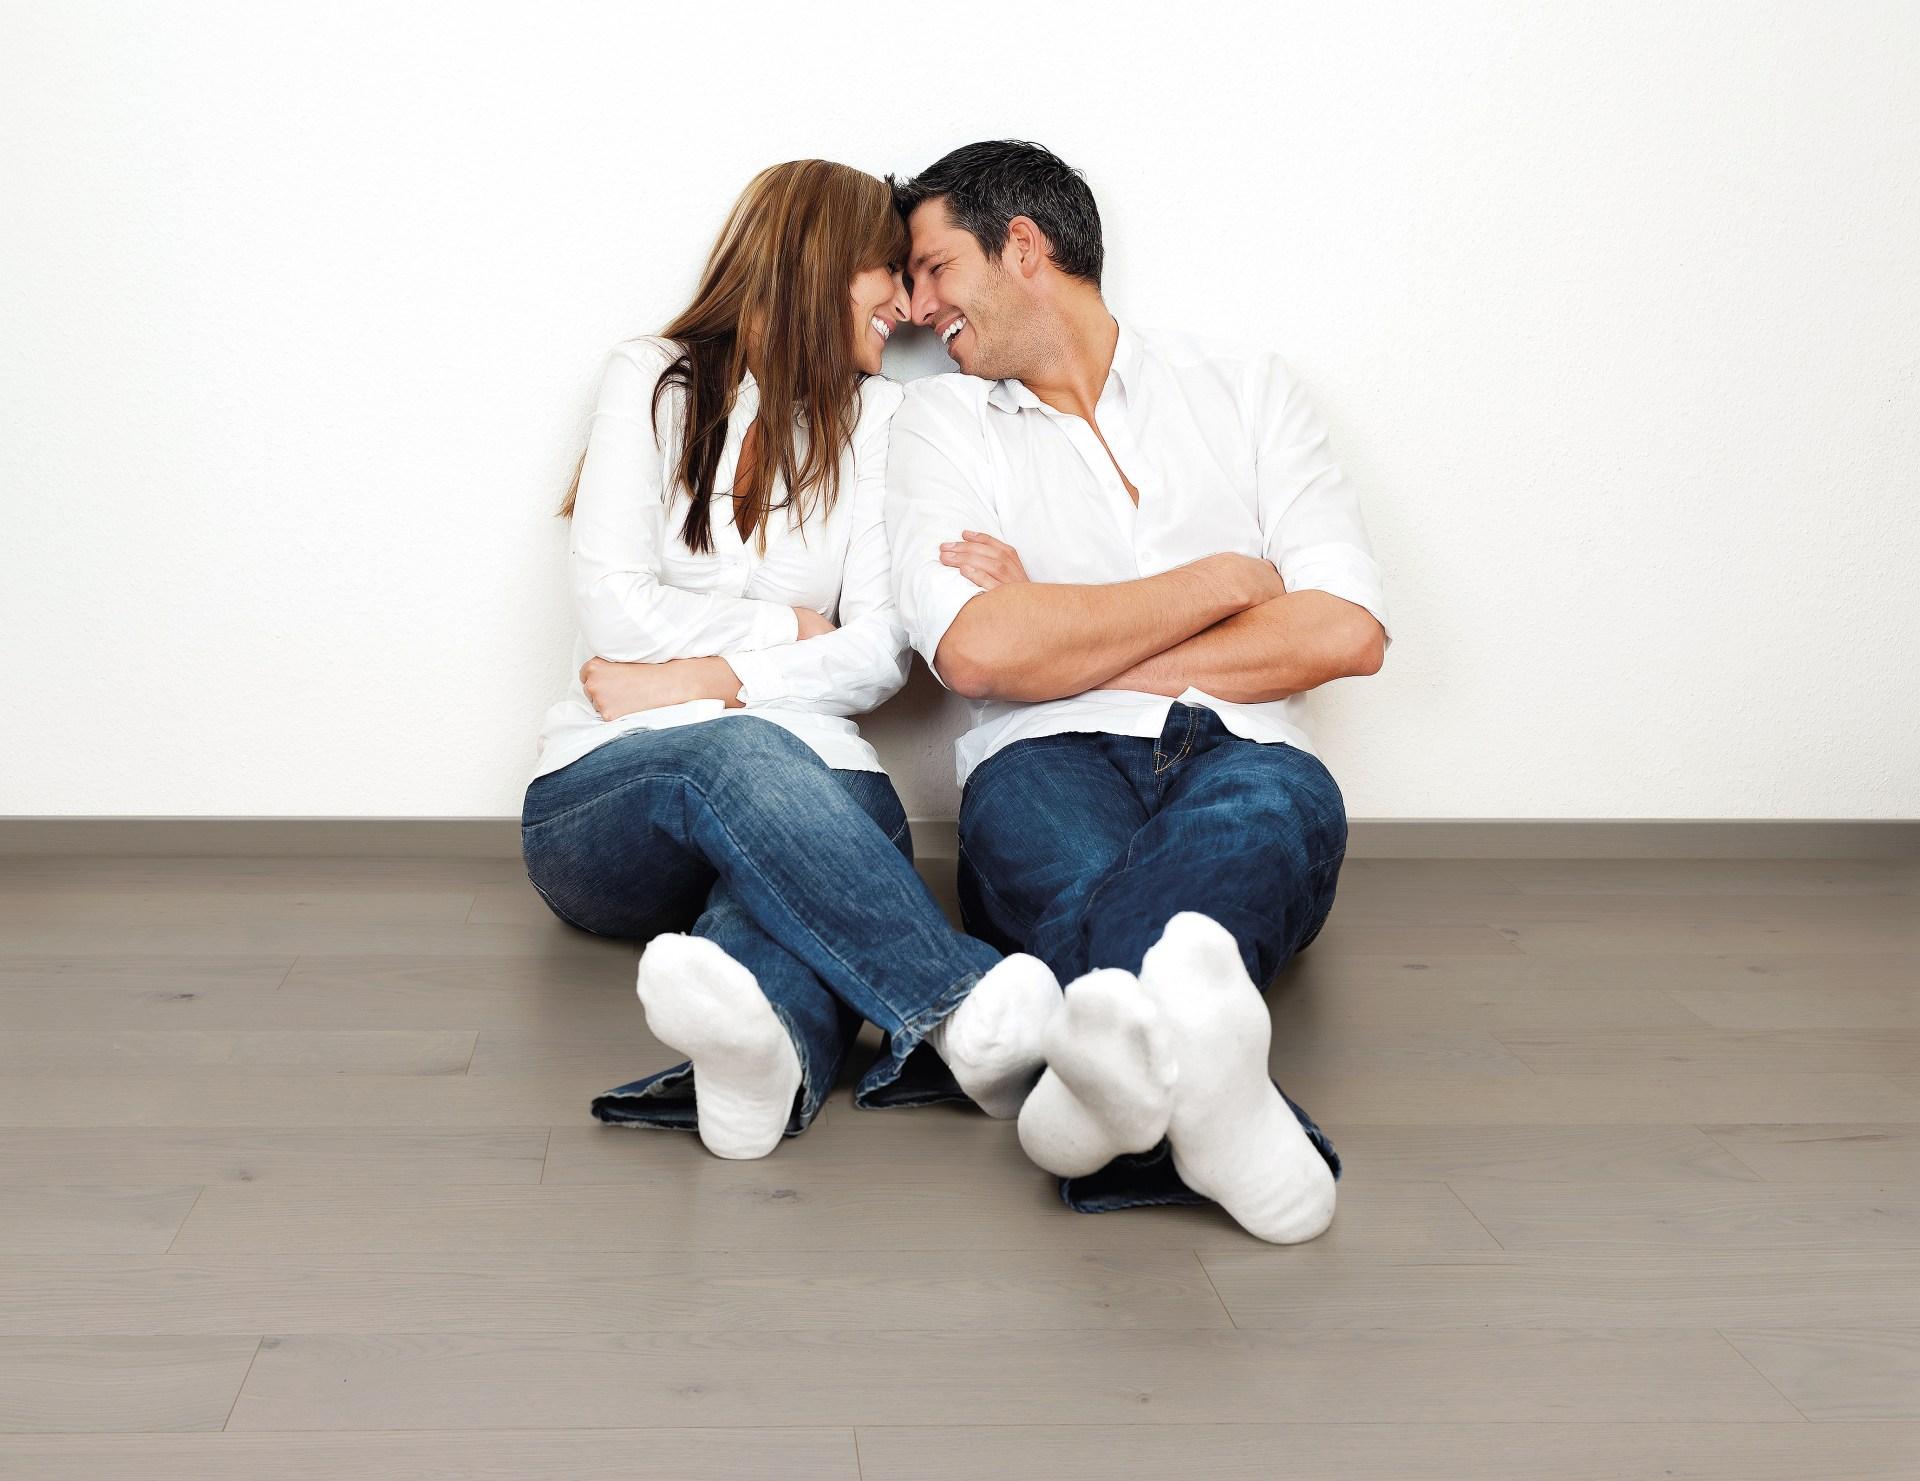 Муж жена первый раз замышляет?